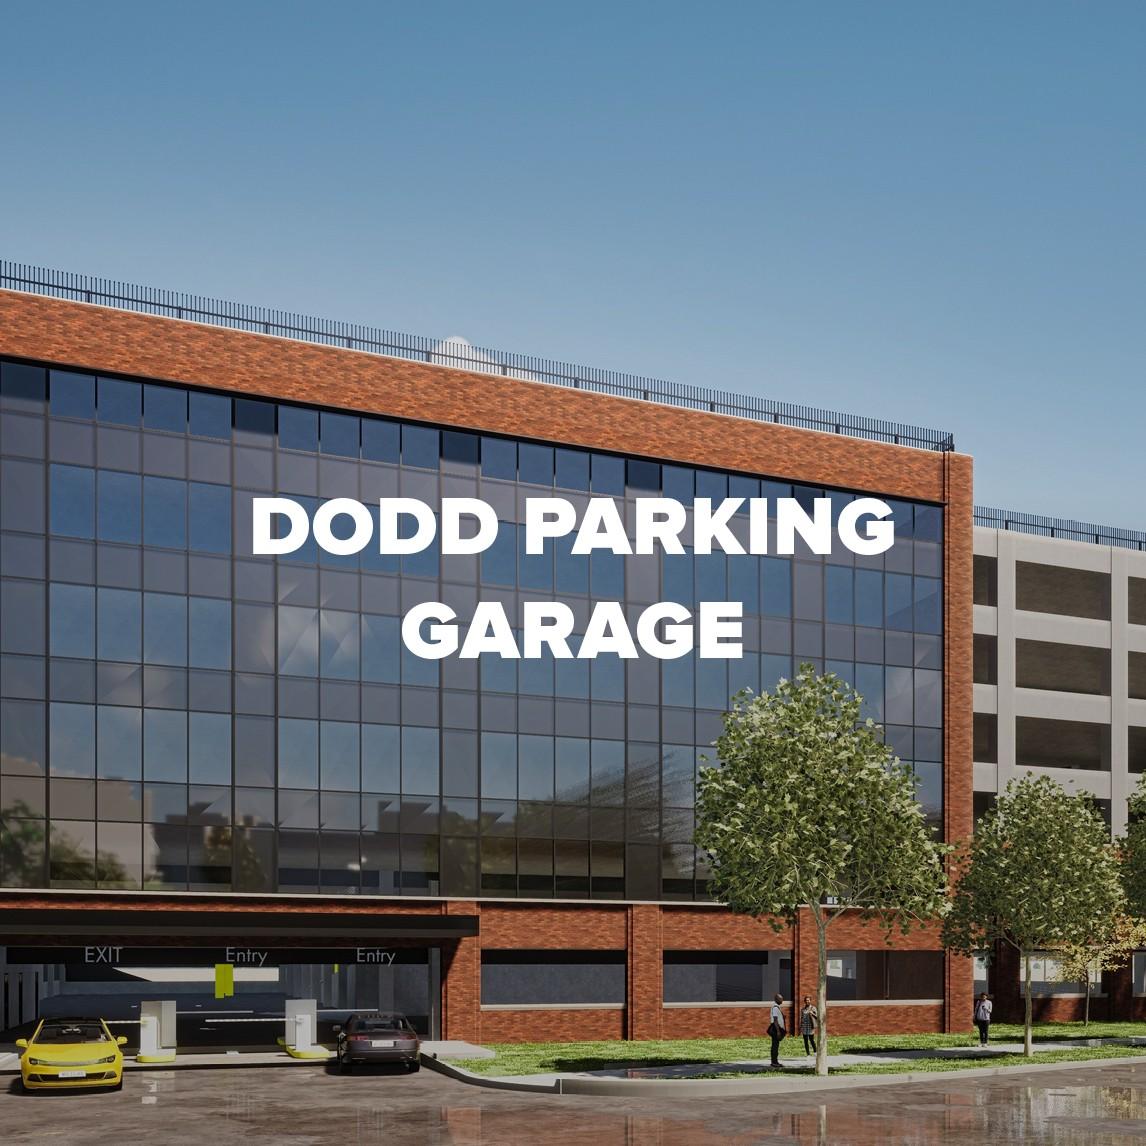 Icon for Dodd Garage